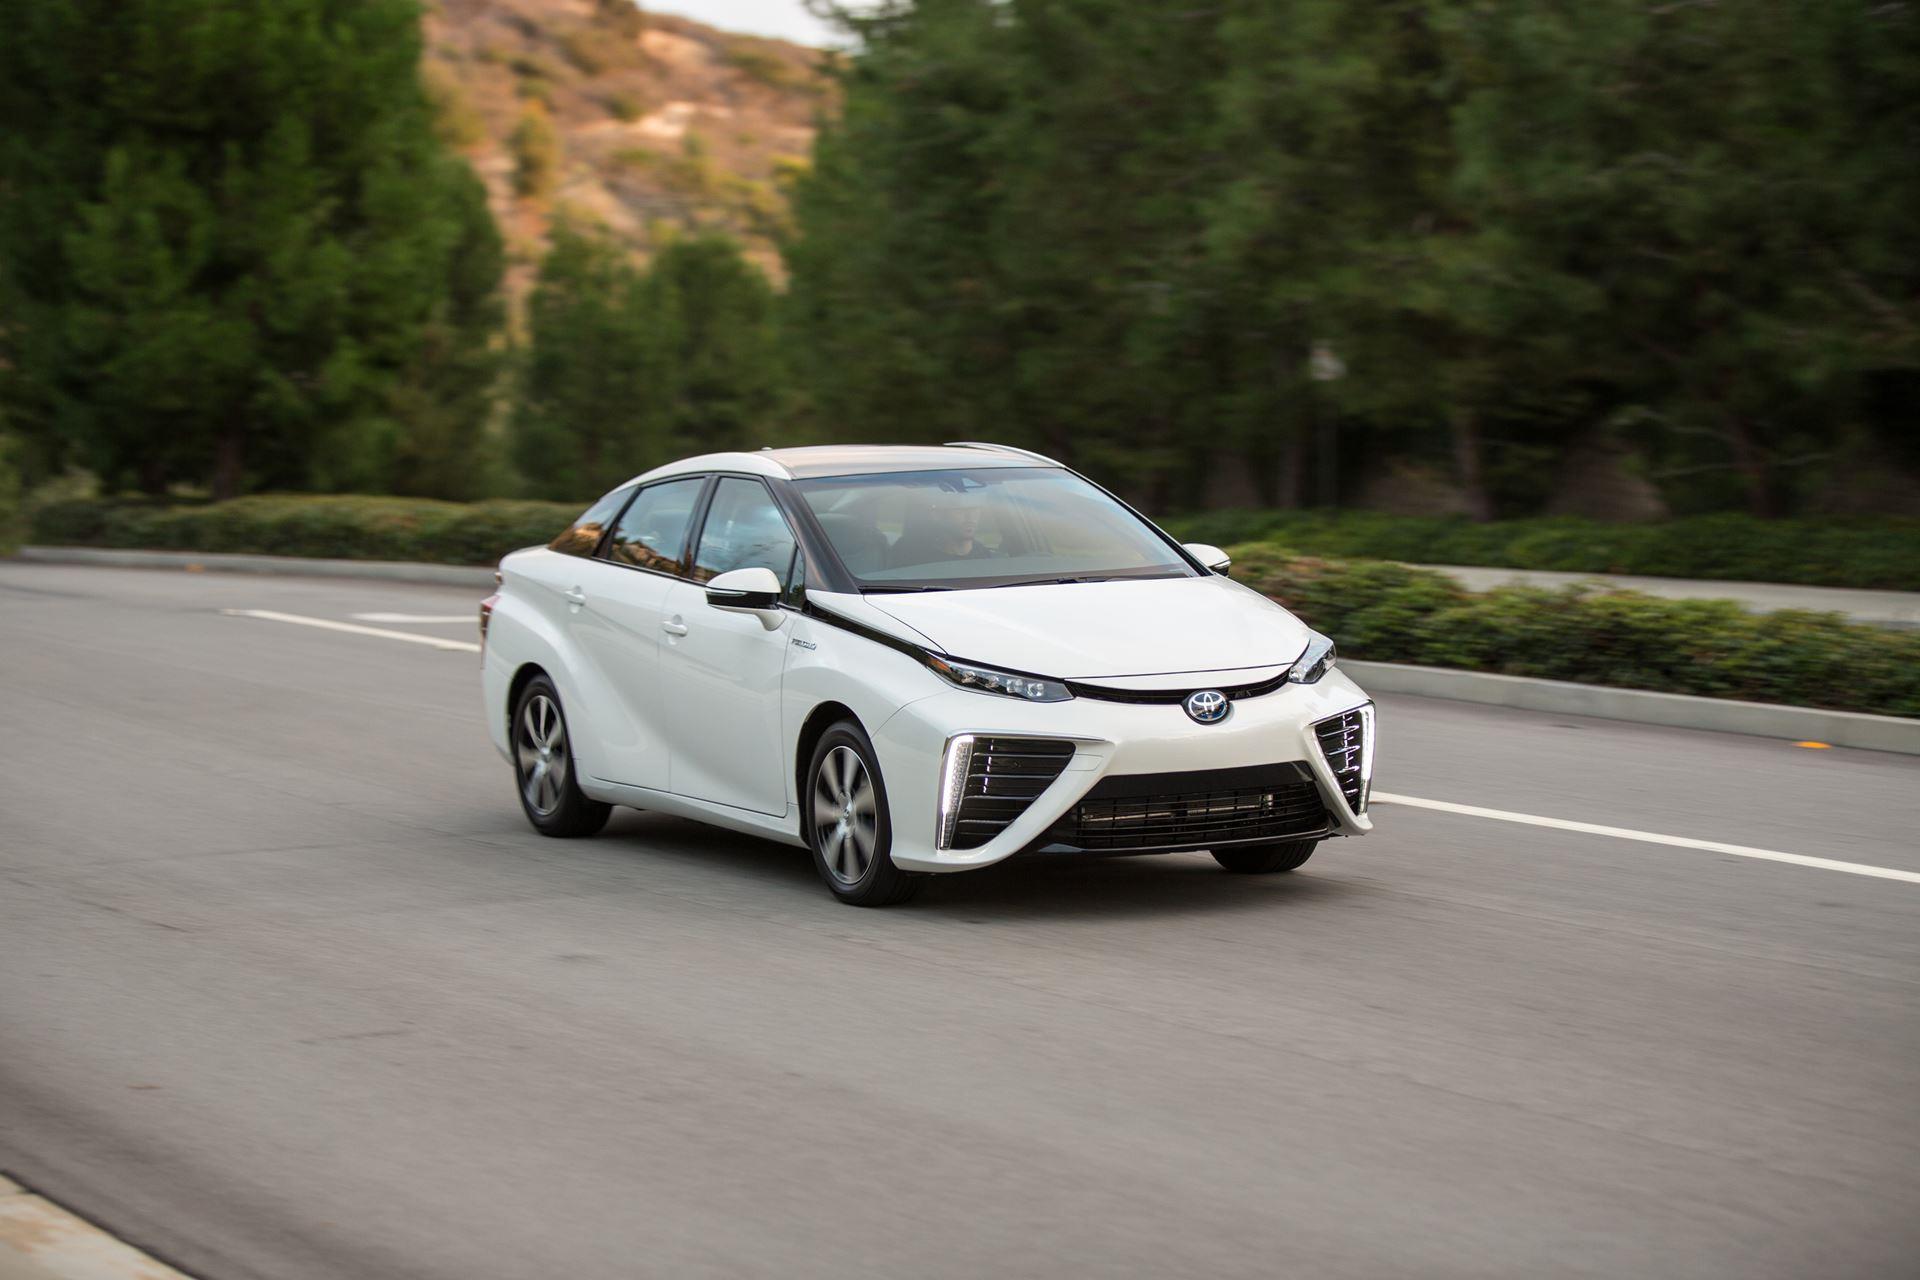 Toyota Motor stellte den aktualisierten Mirai vor